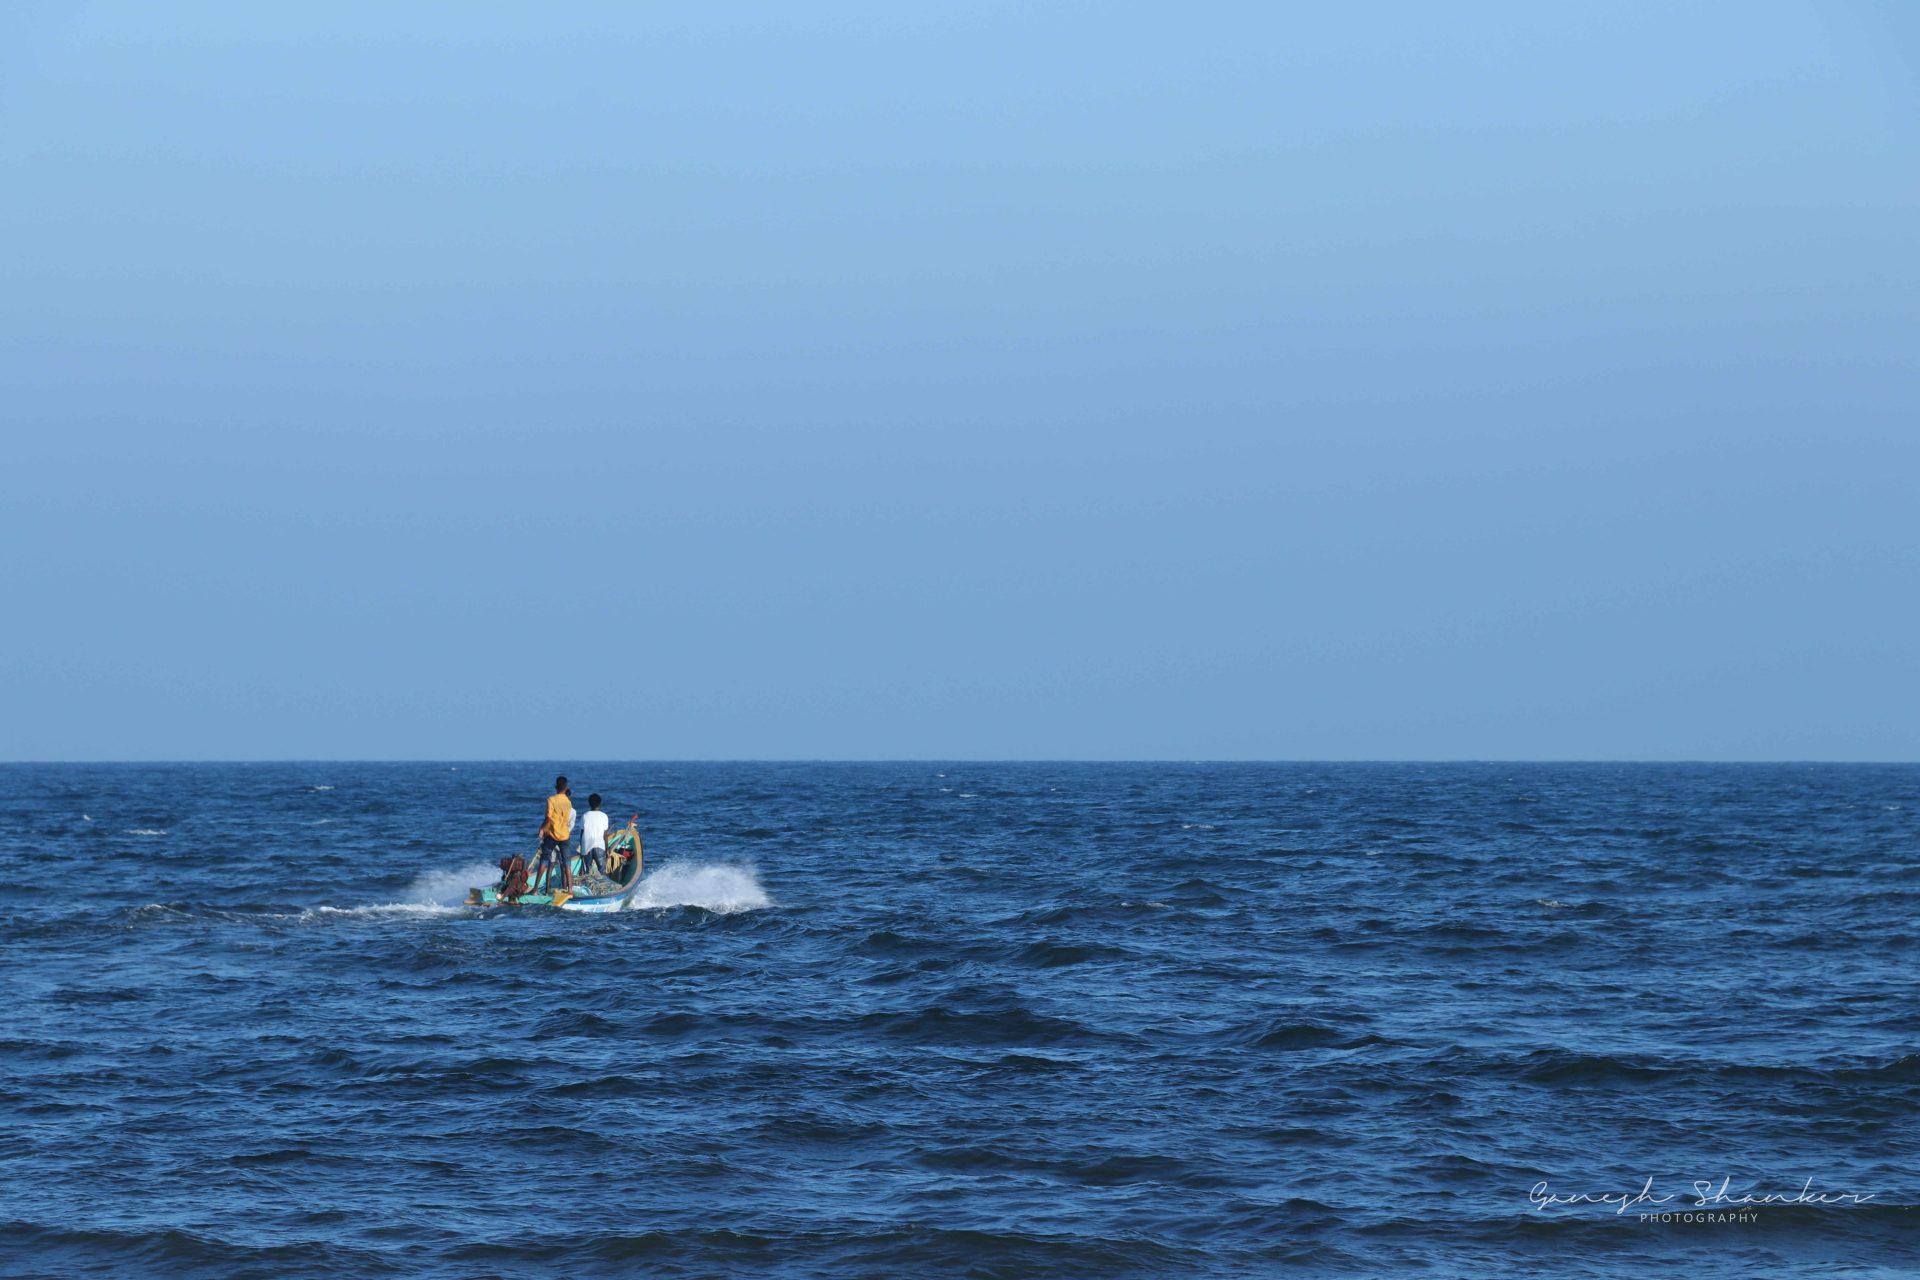 marina-beach-chennai-photos-ganesh-shanker-kk